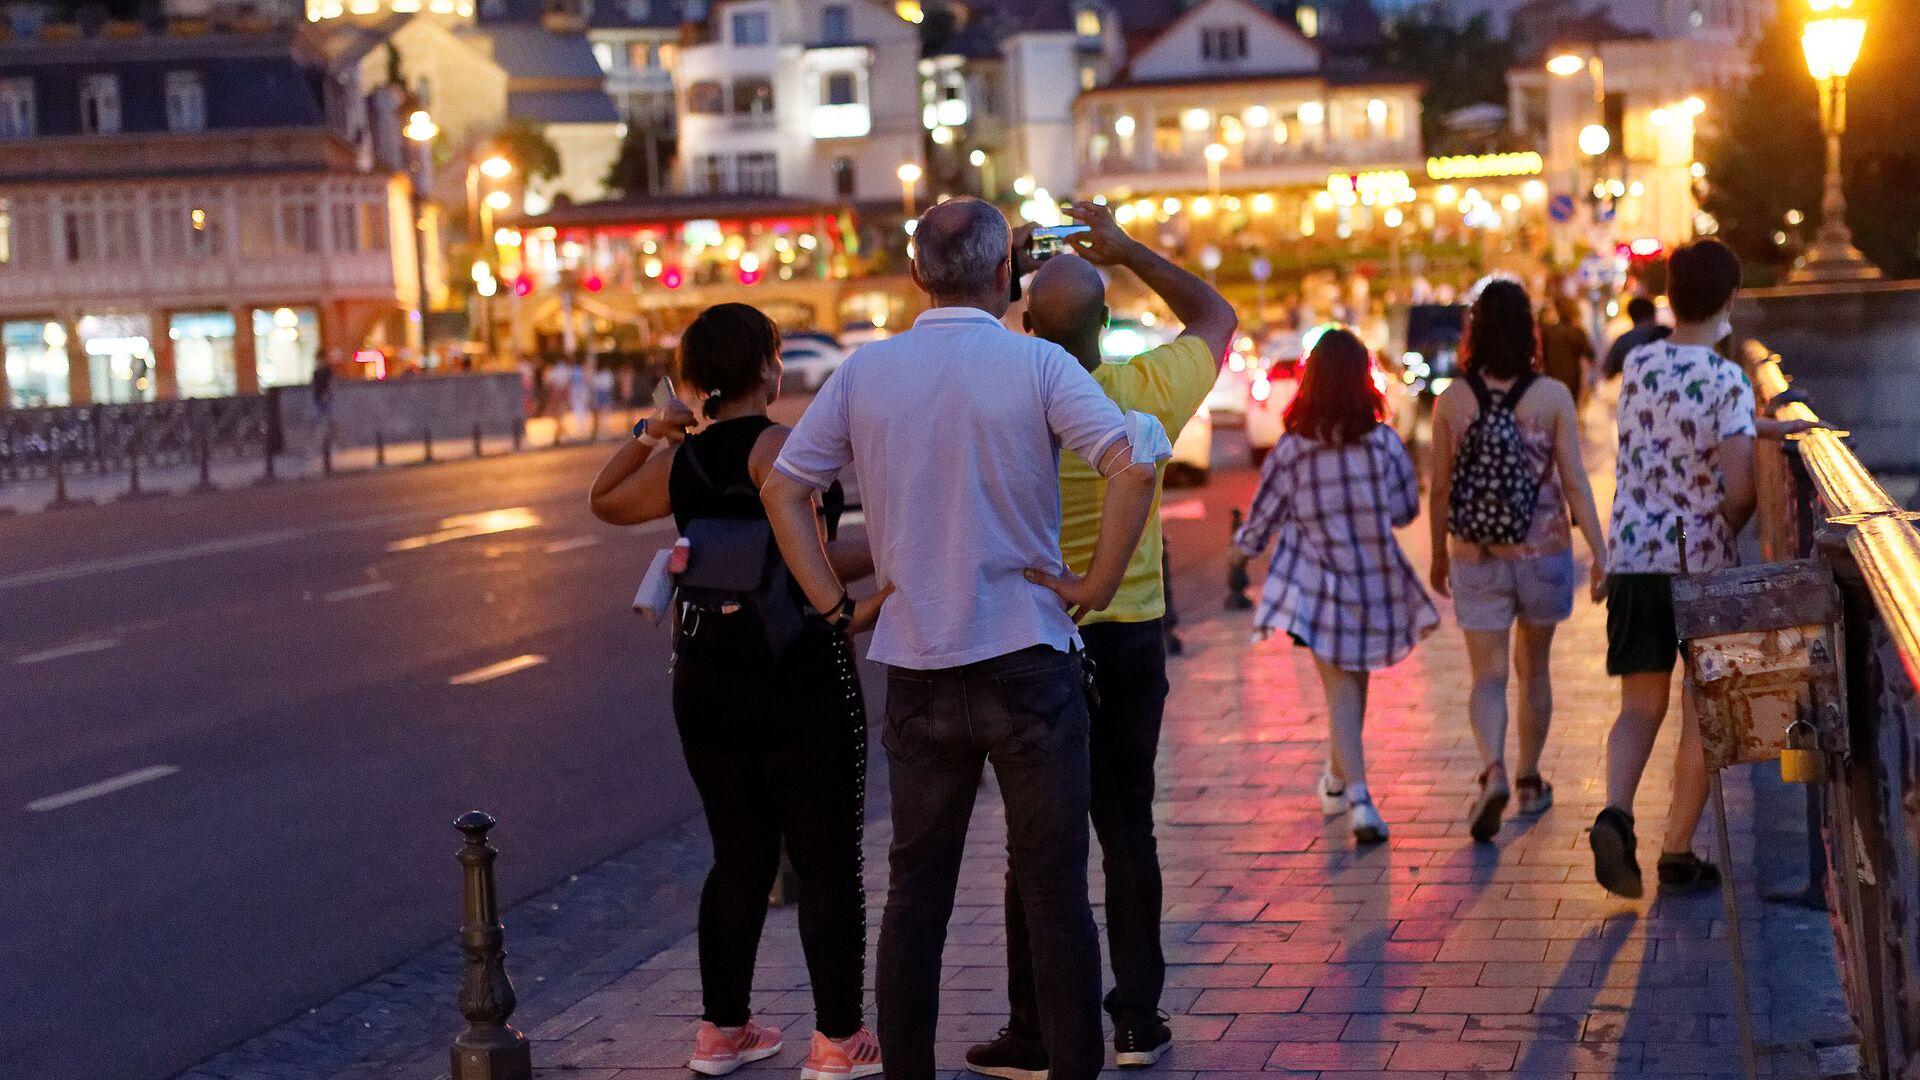 ტურისტები თბილისის ქუჩებში ღამით - Sputnik საქართველო, 1920, 22.09.2021